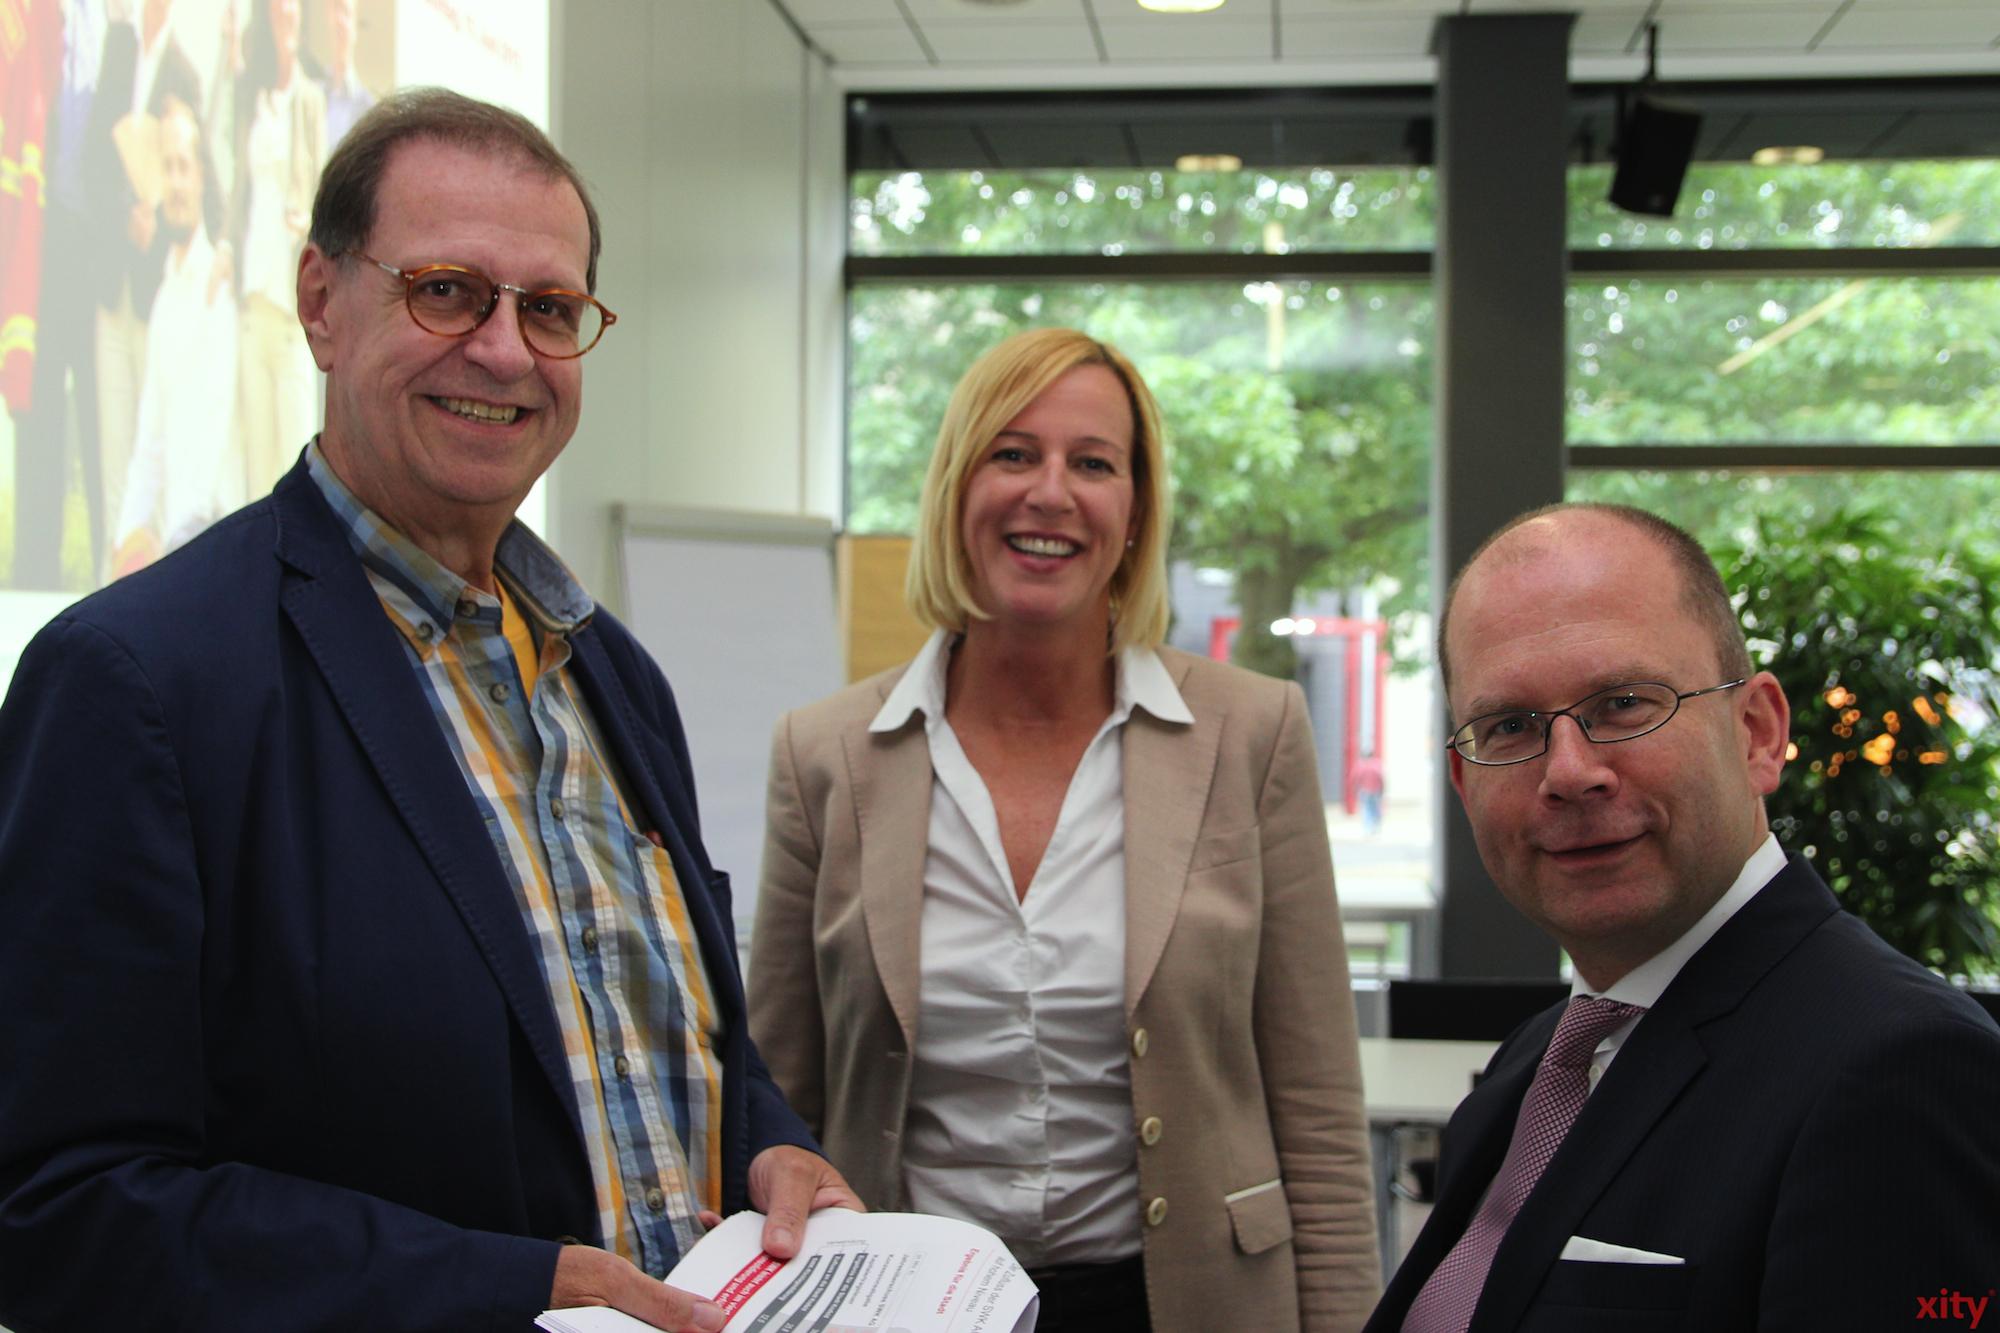 v.l Aufsichtsvorsitzender Ulrich Hahnen und Kerstin Abraham und Carsten Liedtke vom Vorstand der SWK stellen die Positiven und Negativen Zahlen vor. (Foto: xity)